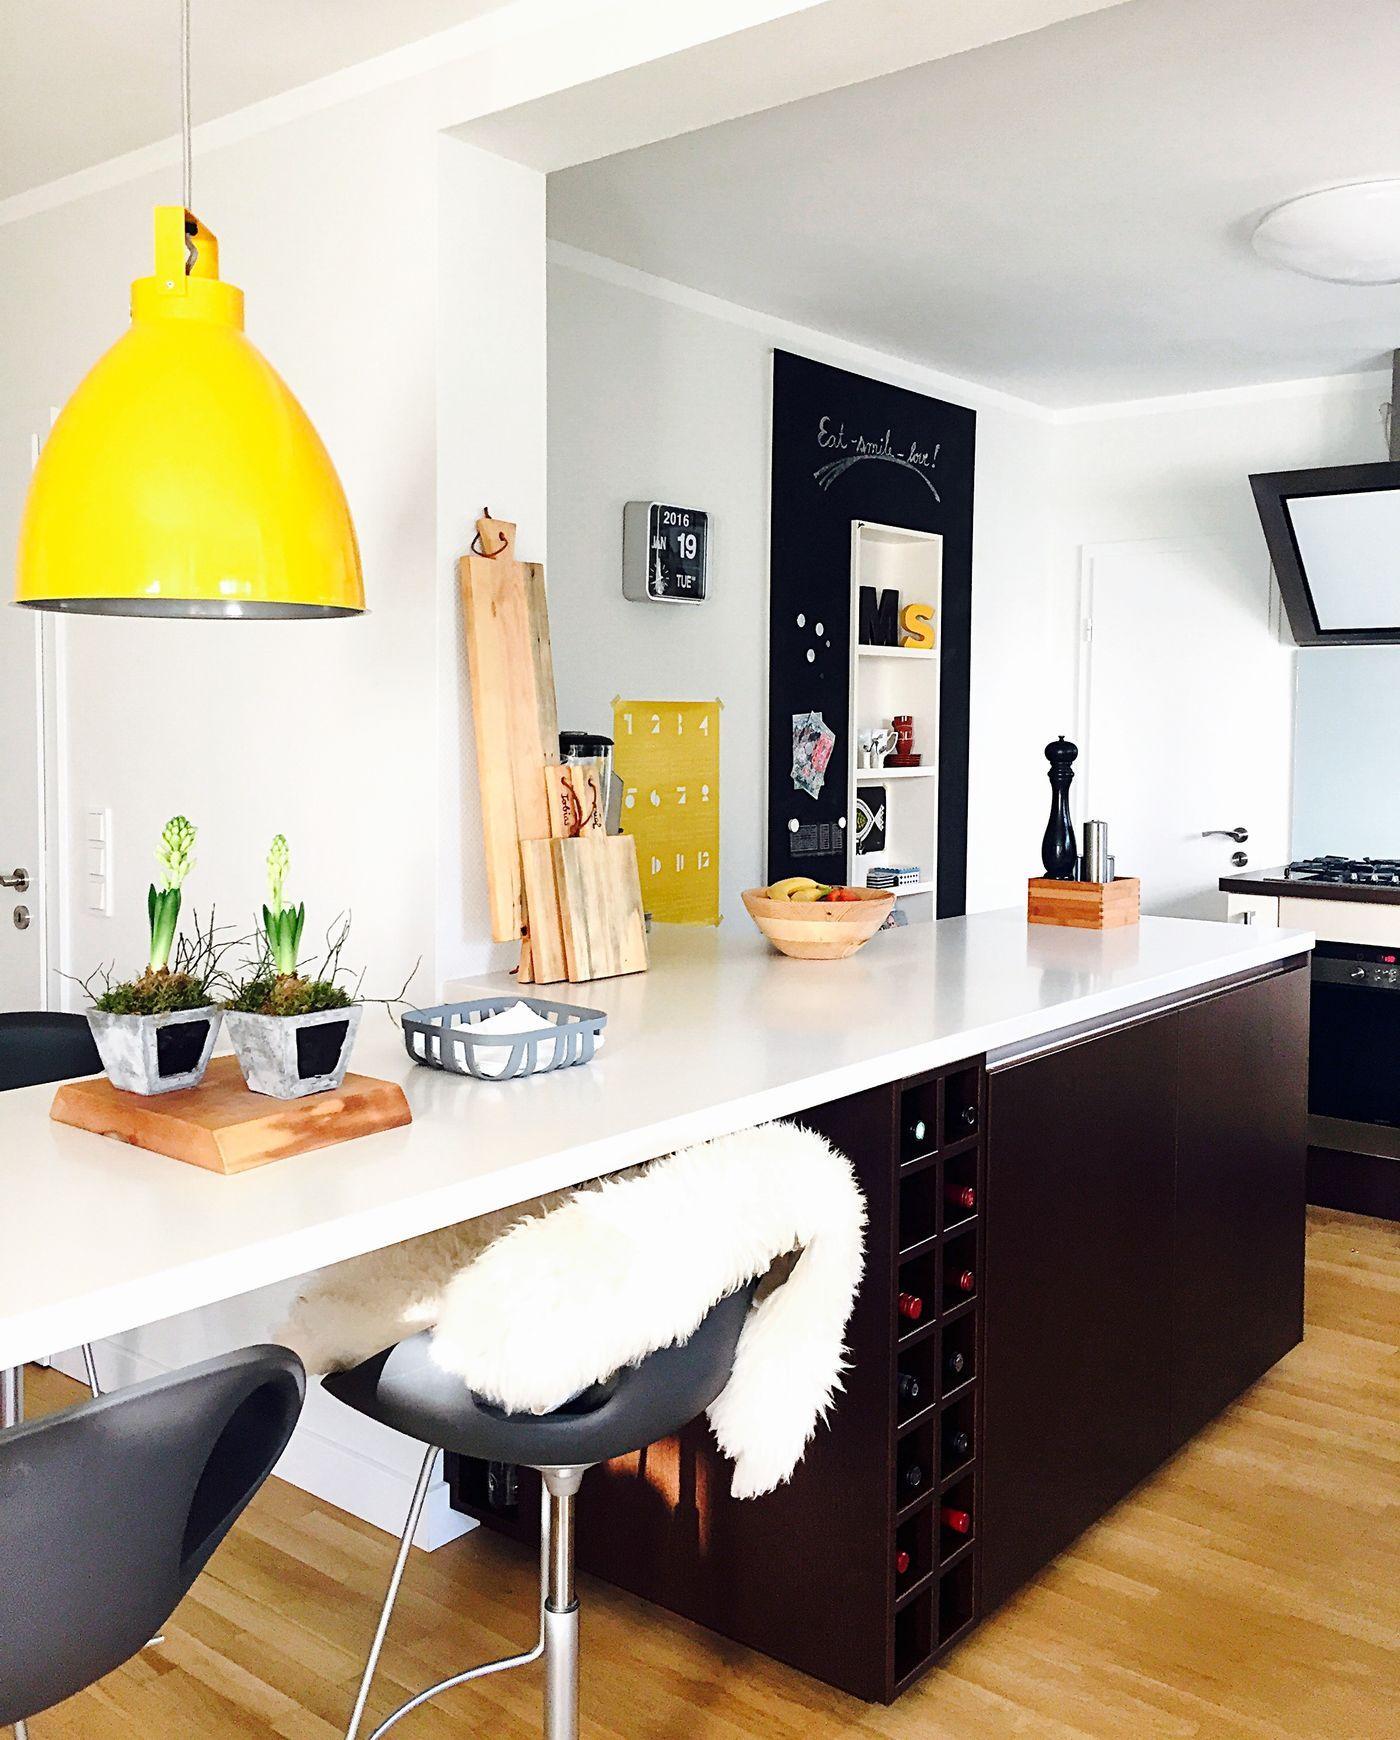 Full Size of Ideen Und Inspirationen Fr Kchenlampen Wohnzimmer Küchenlampen